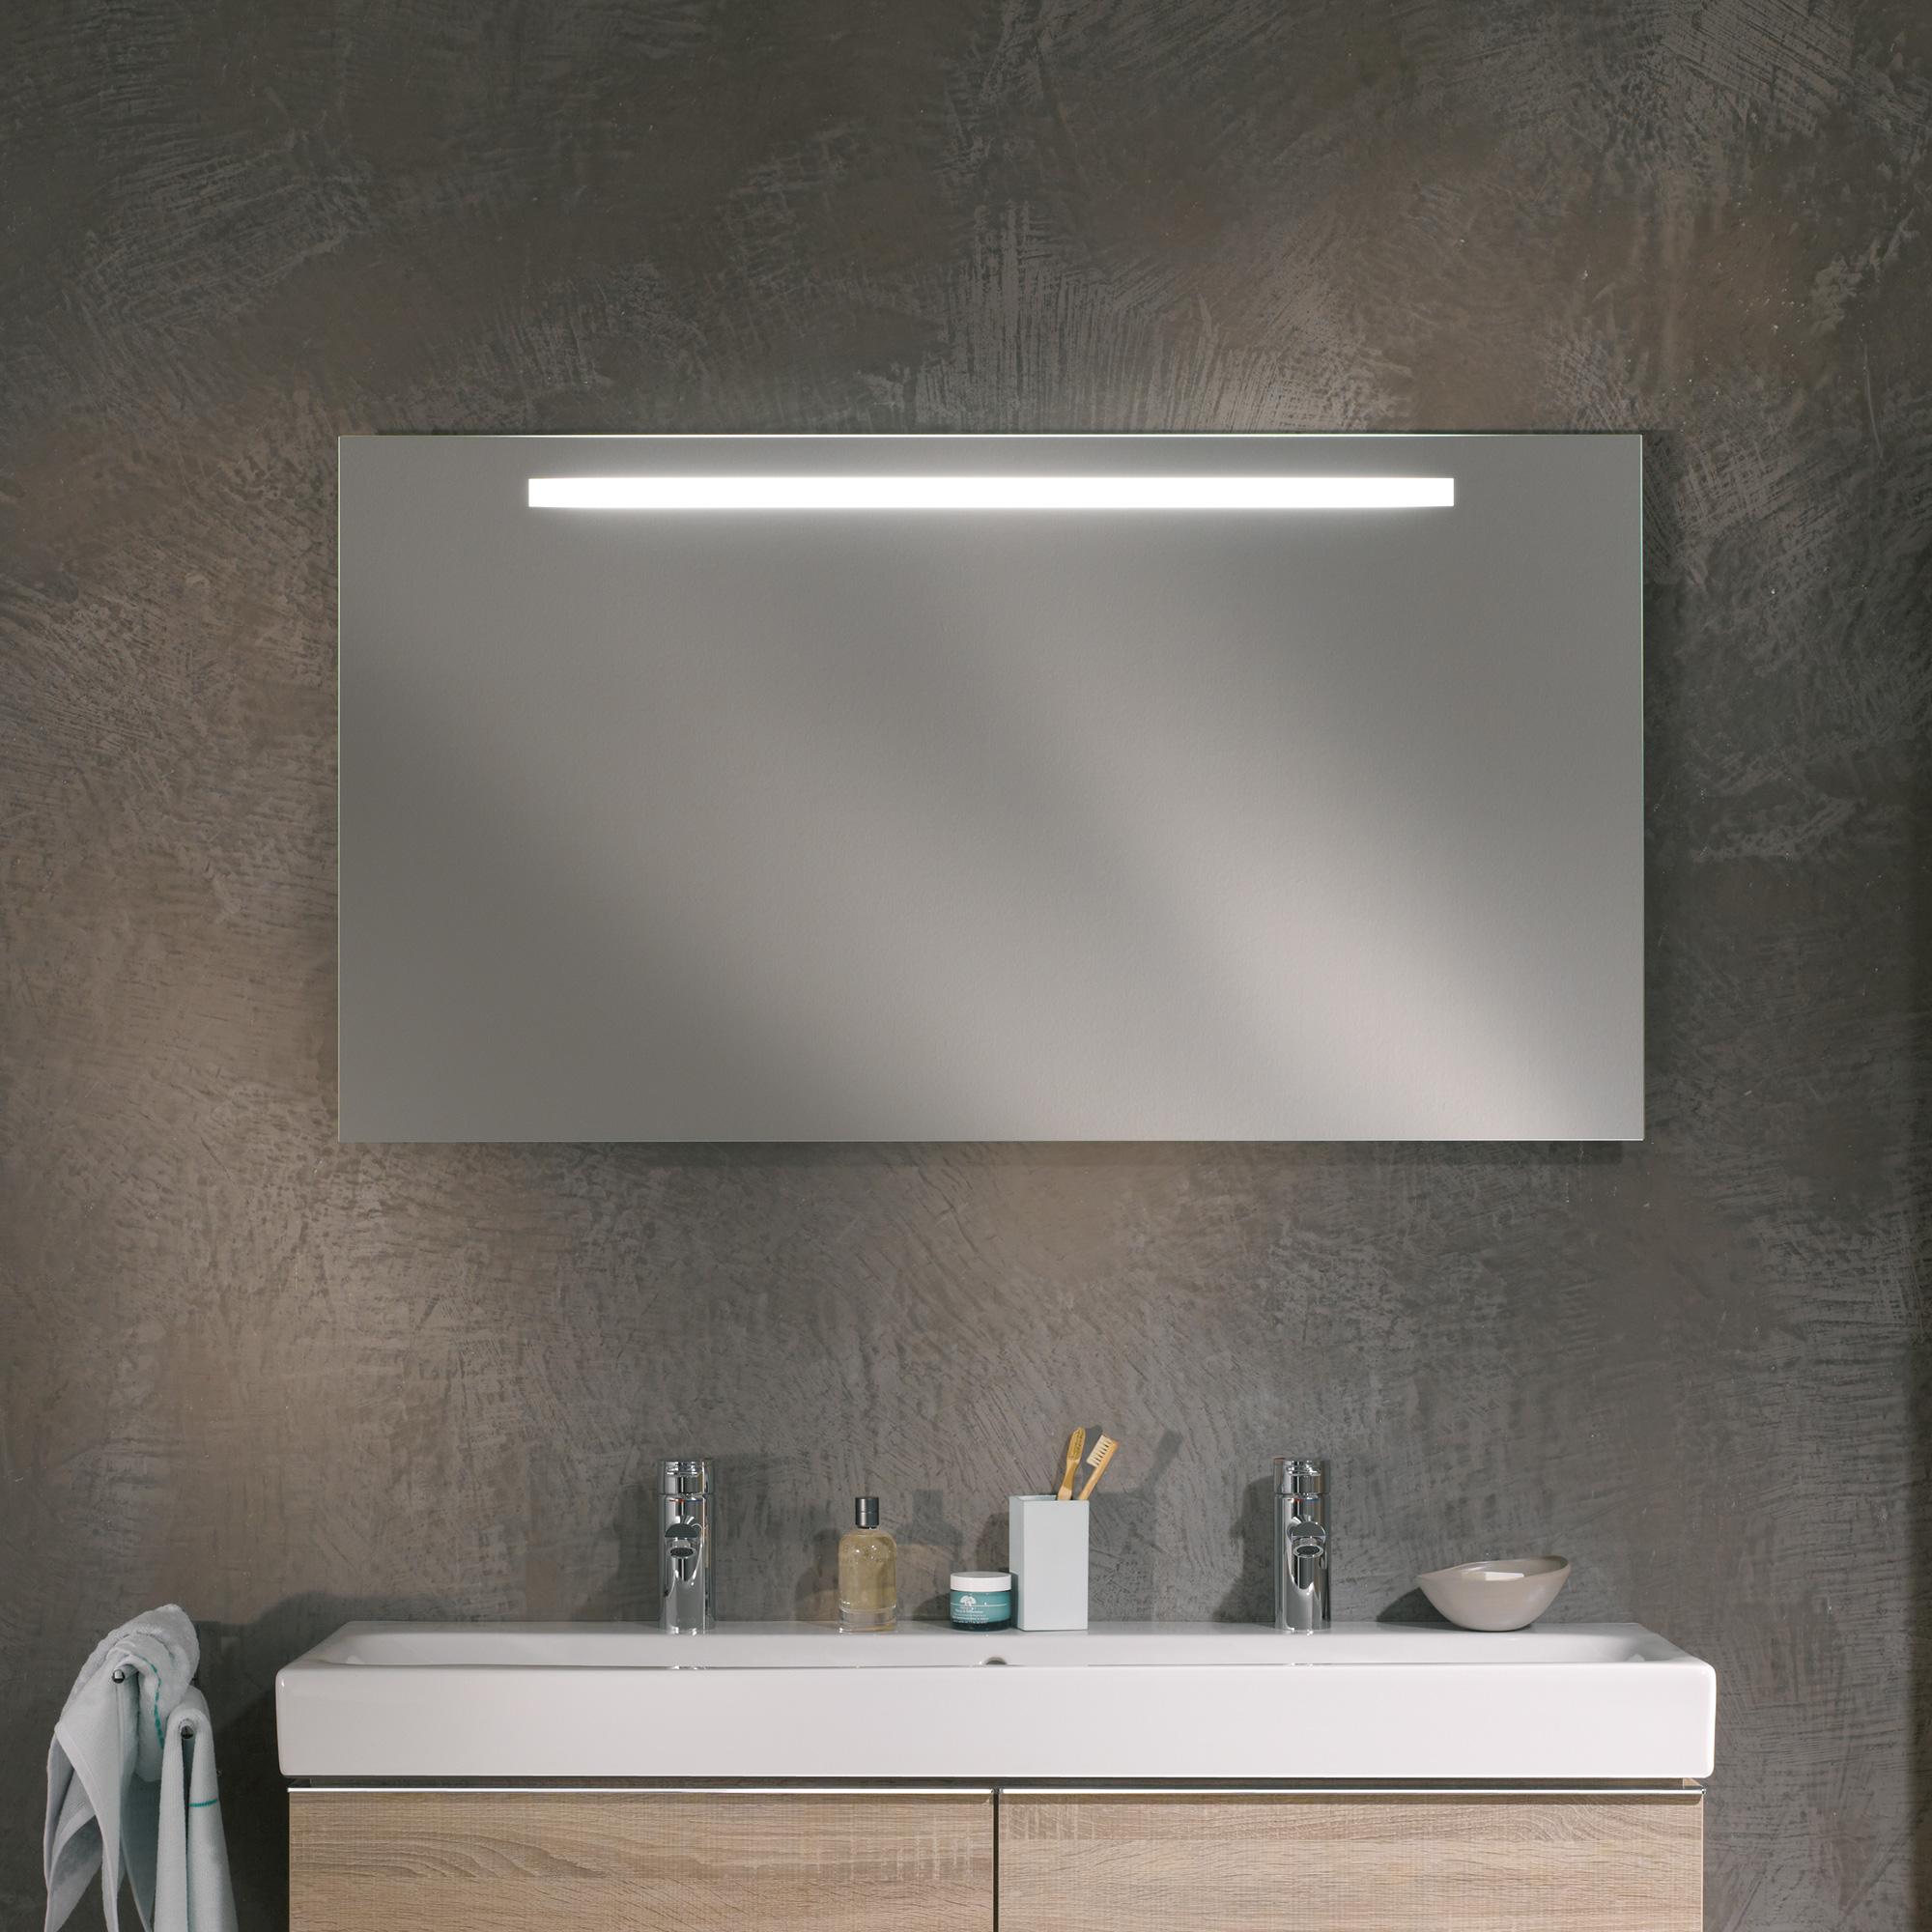 Keramag Option Lichtspiegel - 800420000